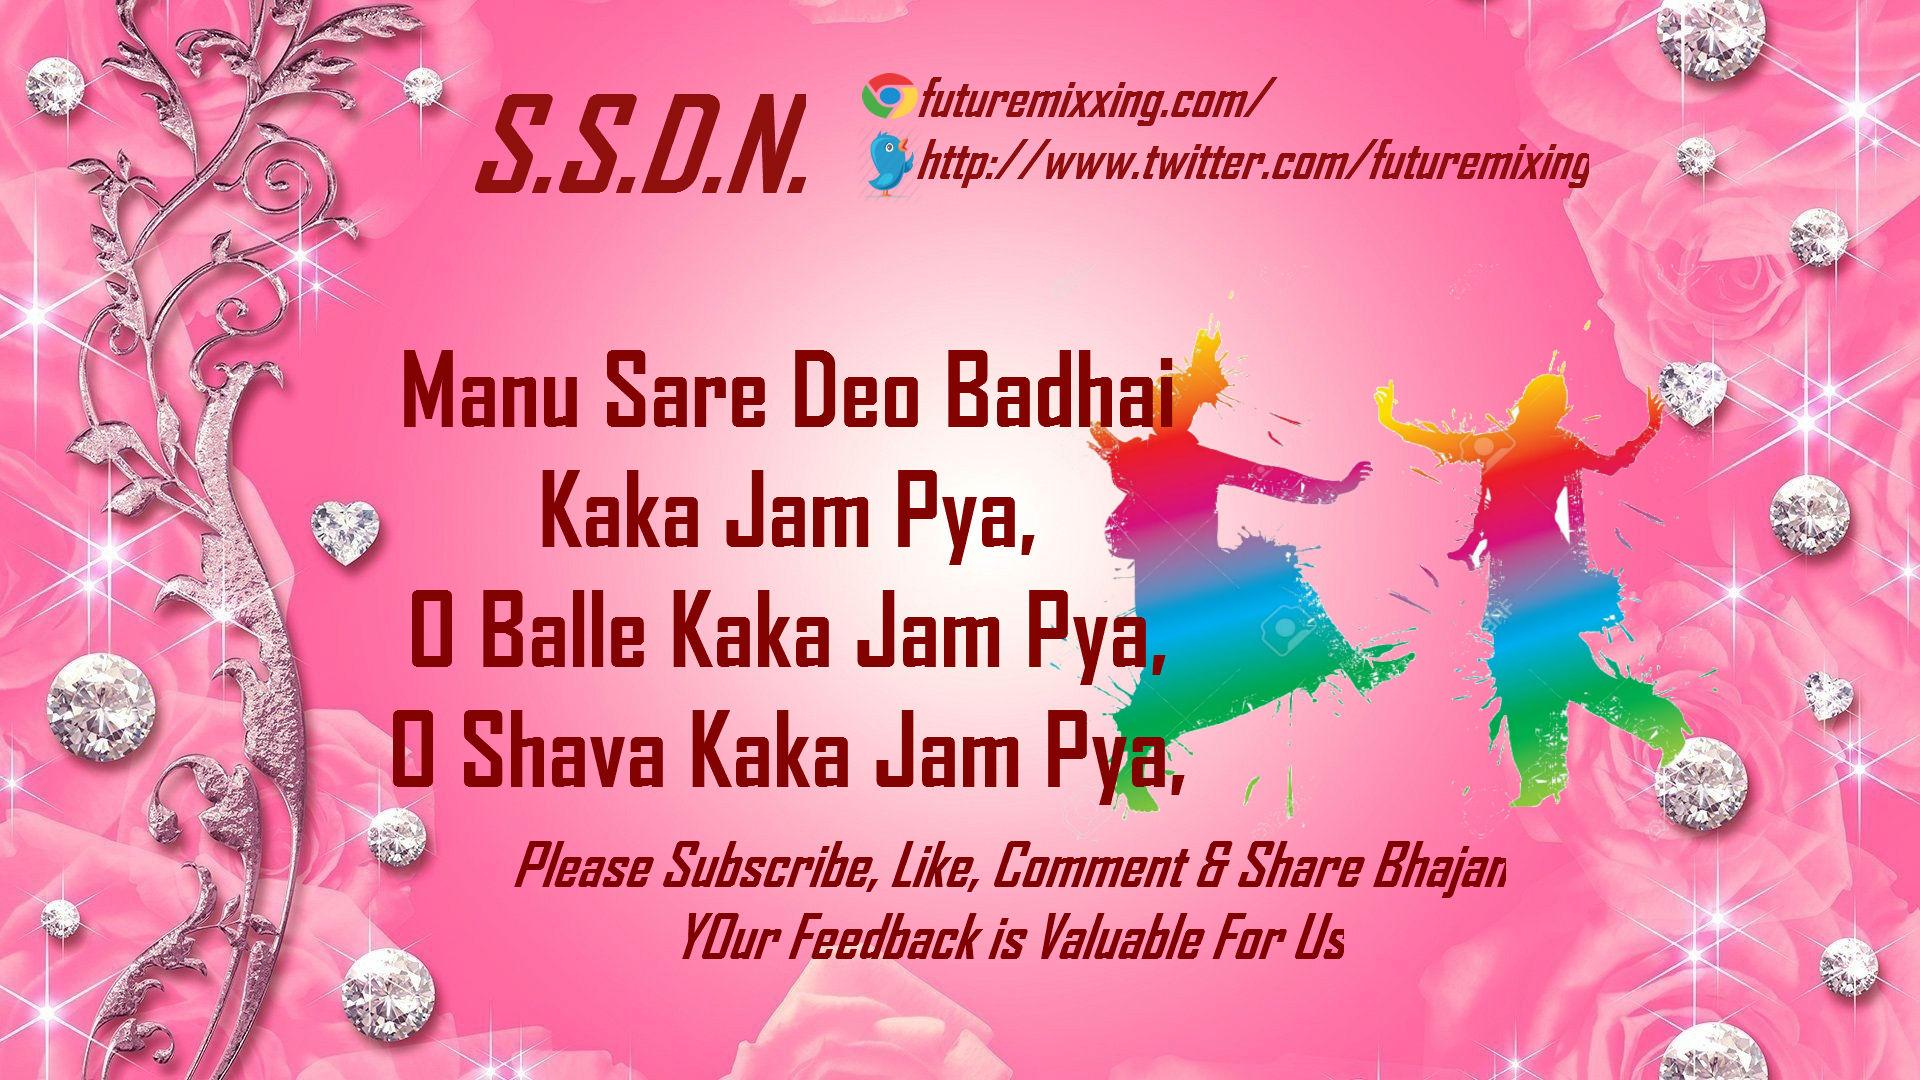 SSDN Bhajan, Janamdin Bhajan, Happy Birthday Bhajan Lyrics: Manu Sare Deo Badhai Kaka Jam Pya